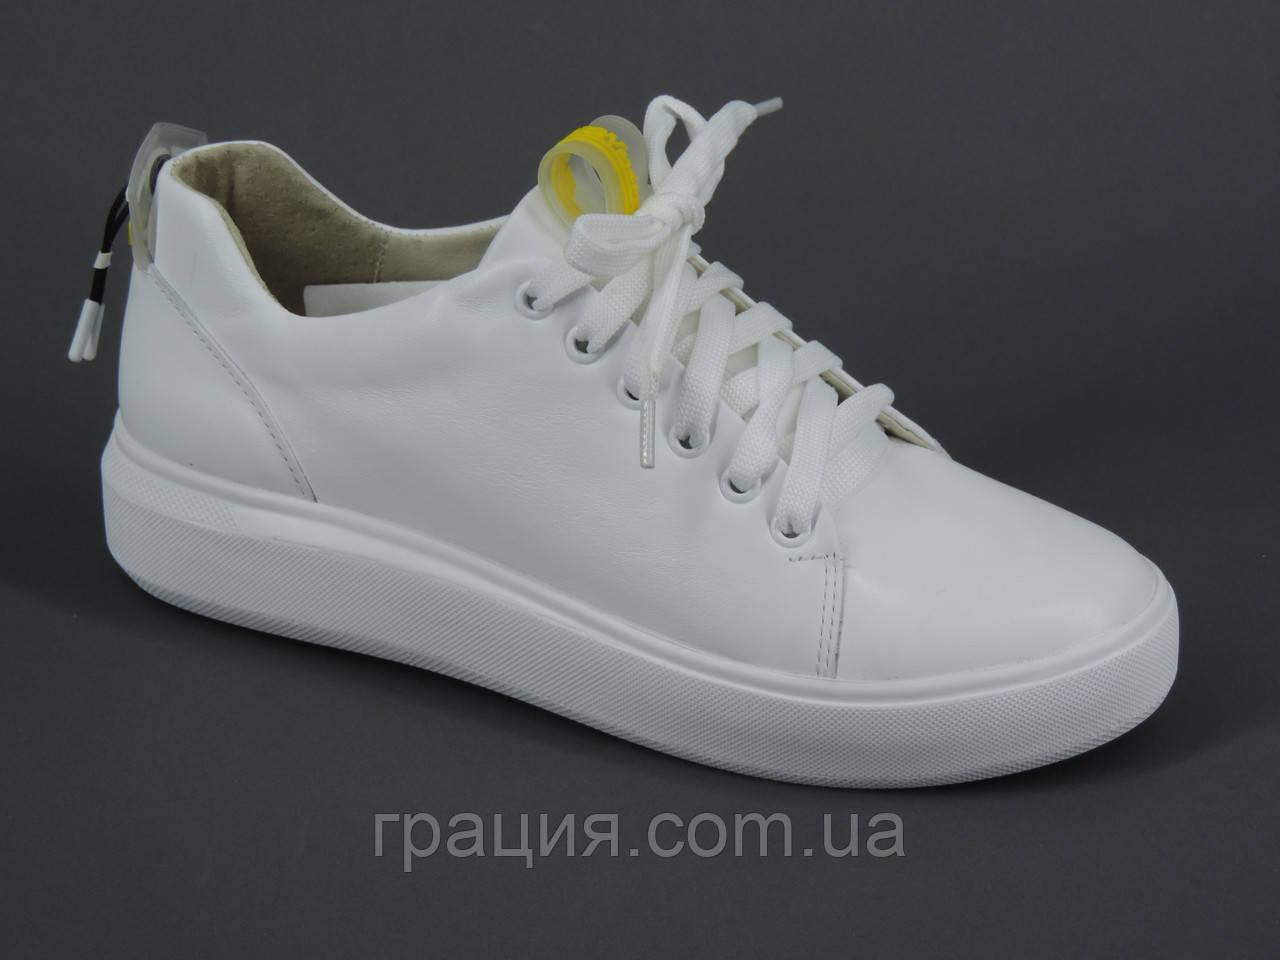 Женские модные кроссовки из натуральной кожи белые